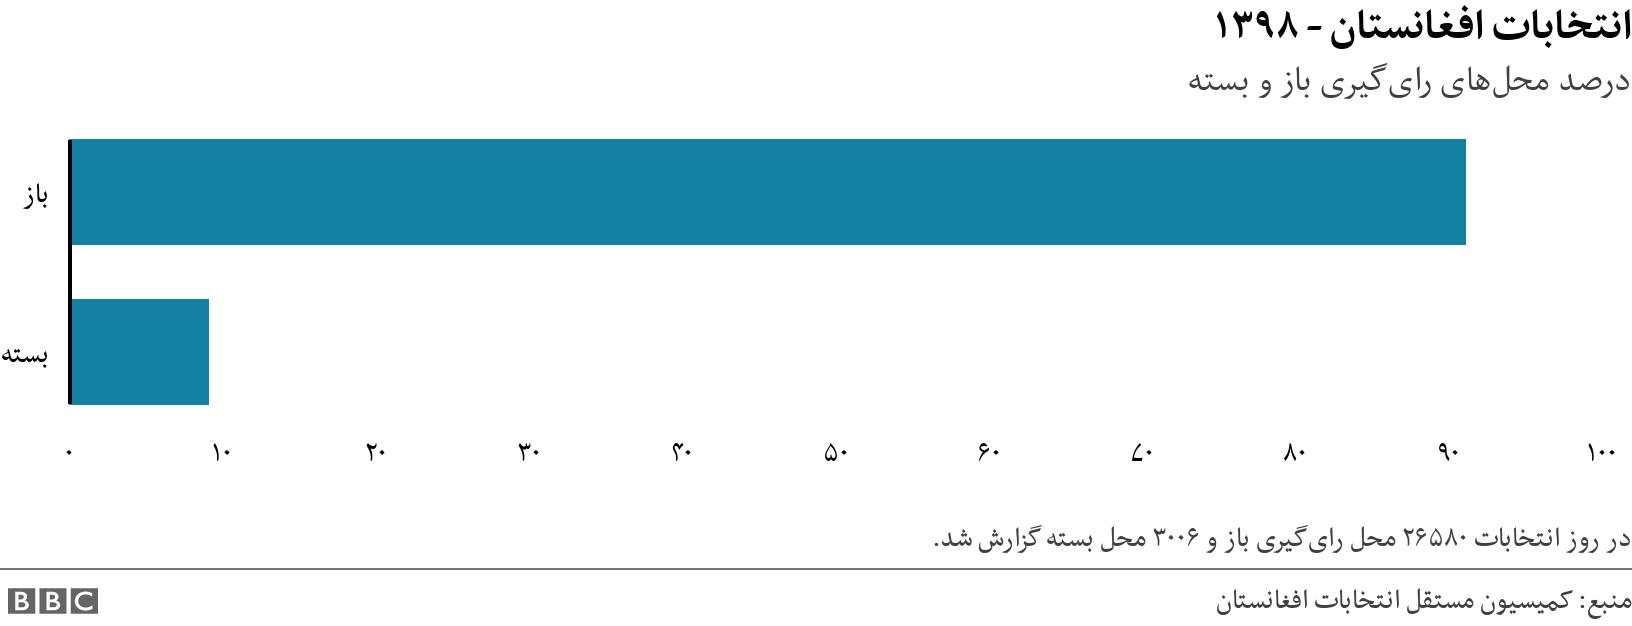 انتخابات افغانستان - ۱۳۹۸. درصد محلهای رایگیری باز و بسته. This pie chart is showing how many polling stations were open and hoe many remained closed on election day. در روز انتخابات ۲۶۵۸۰ محل رایگیری باز و ۳۰۰۶ محل بسته گزارش شد..